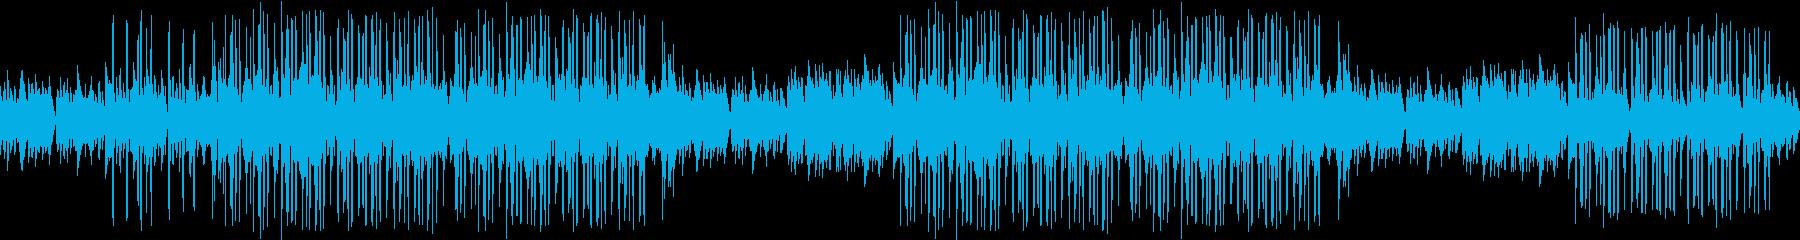 センチメンタル・懐かしい・悲しい・ピアノの再生済みの波形